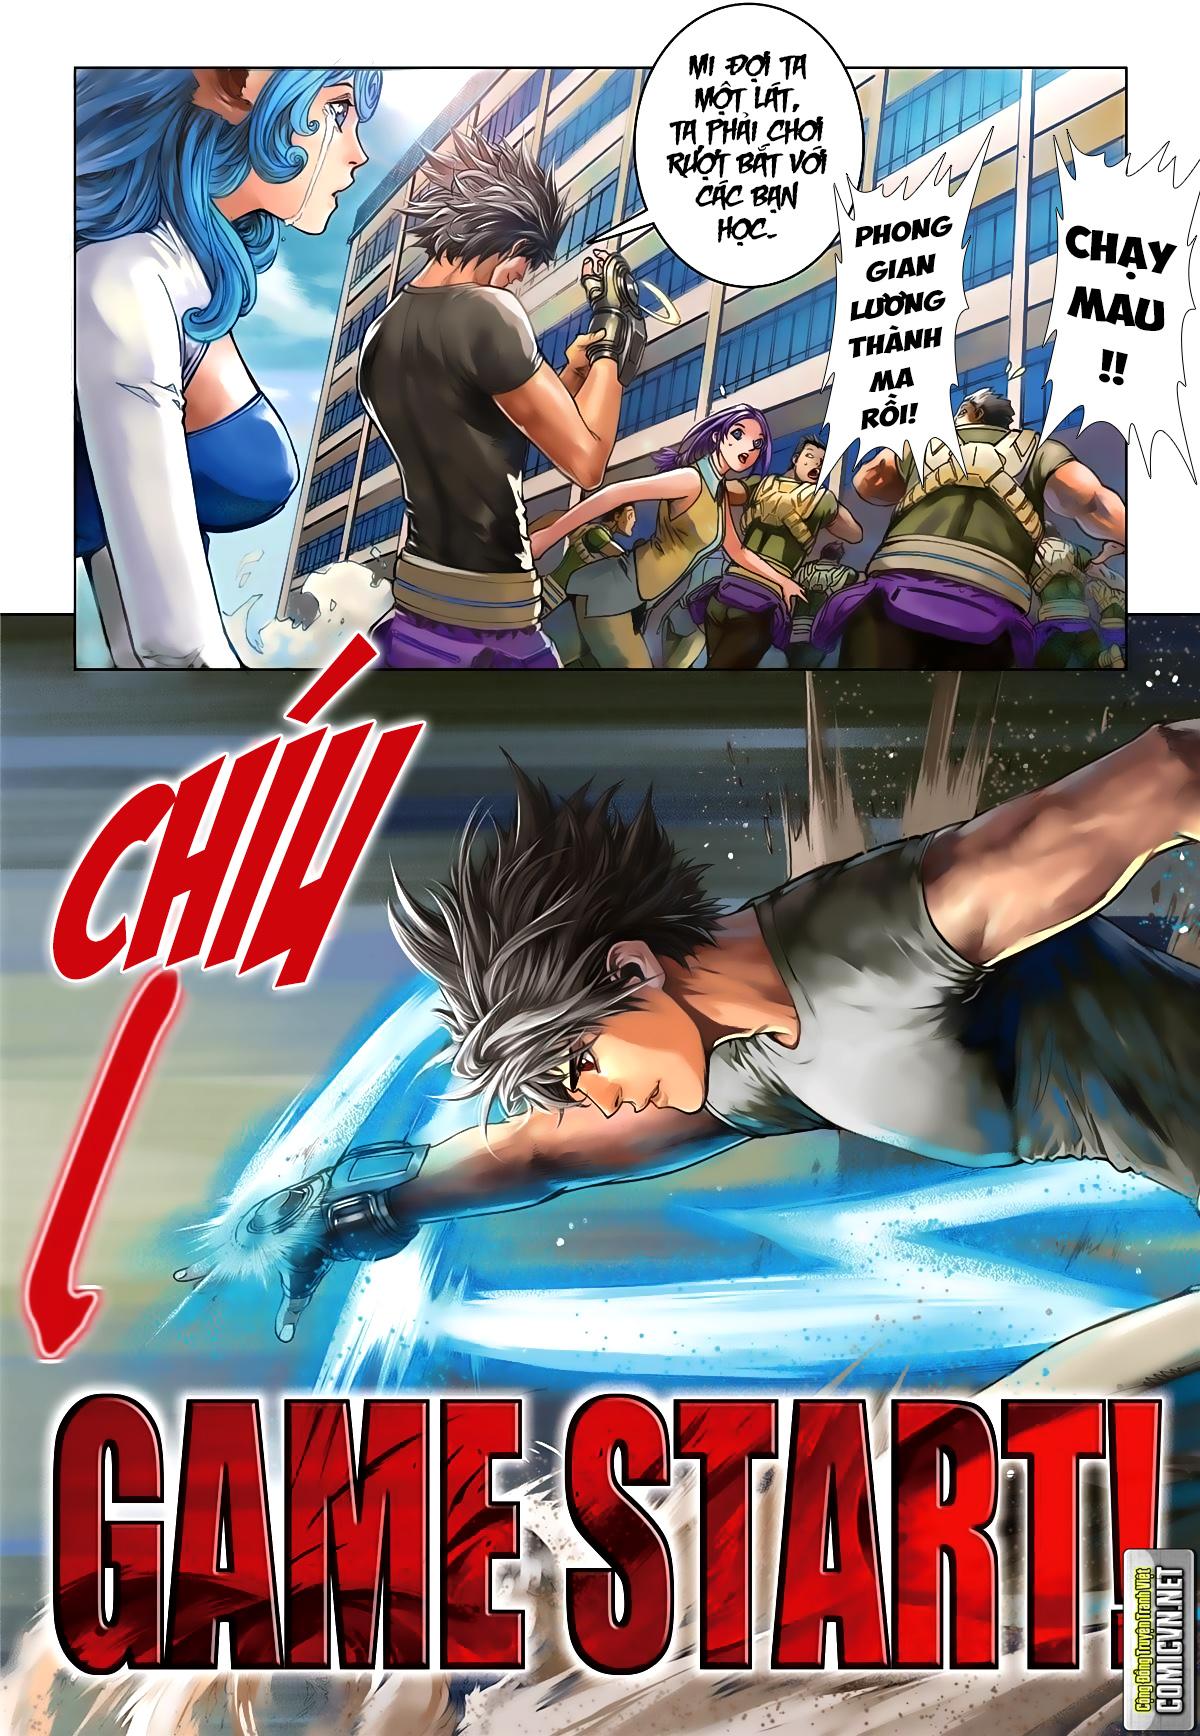 Tái Tạo Không Gian Chap 15 - Next Chap 16